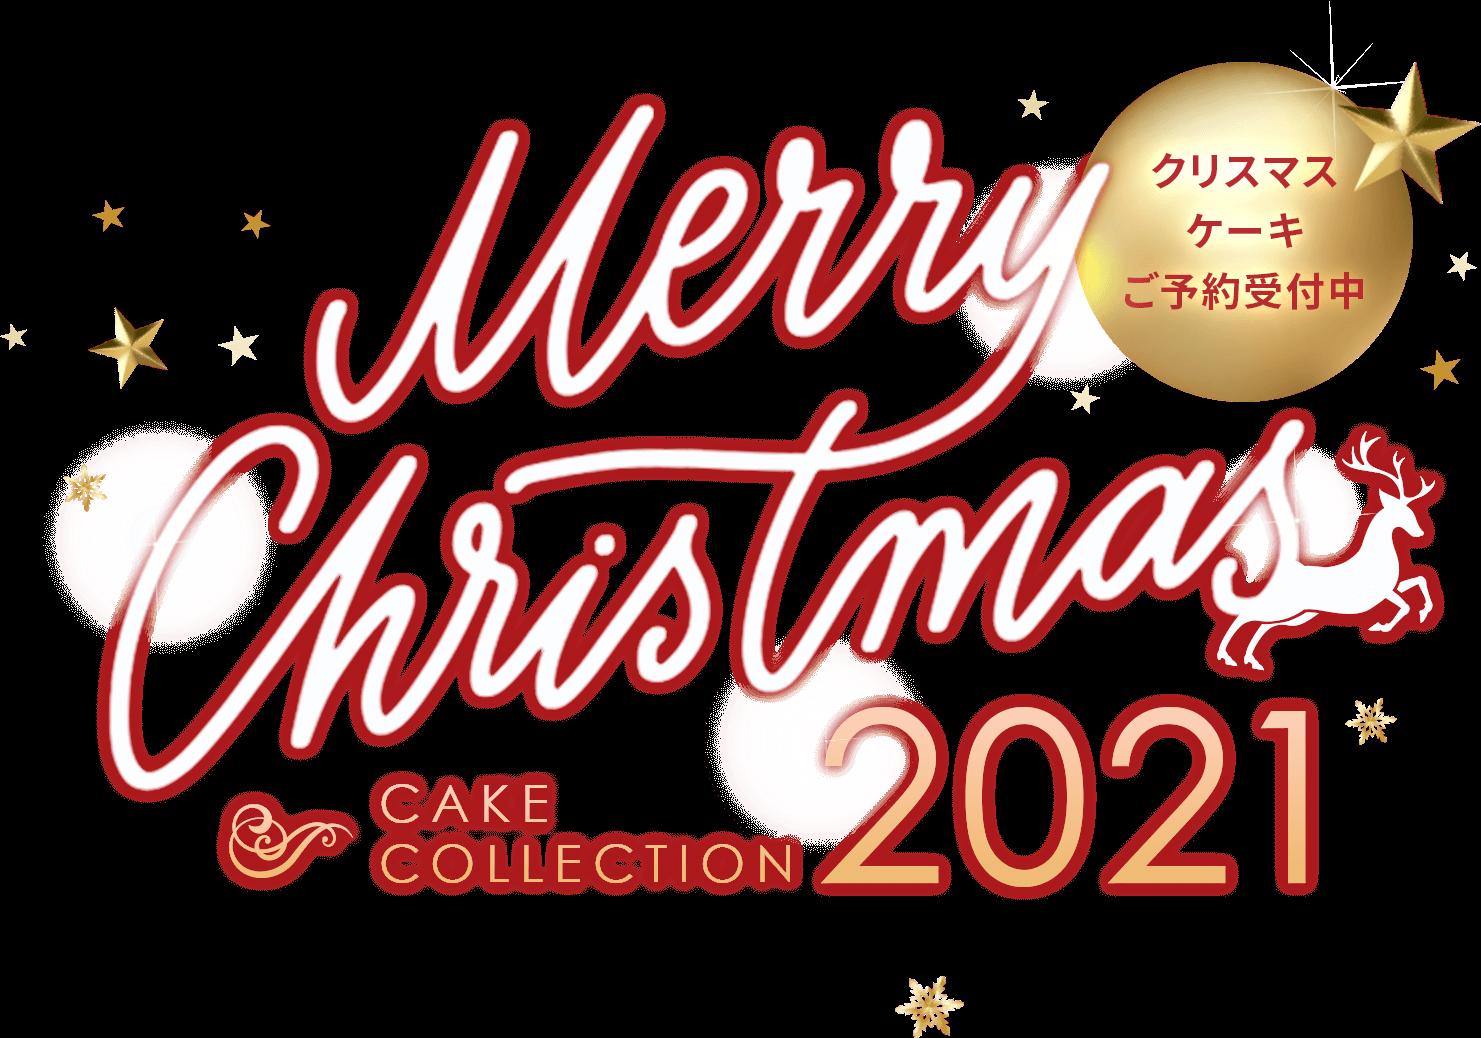 Merry Christmas 2021 クリスマスケーキご予約受付中